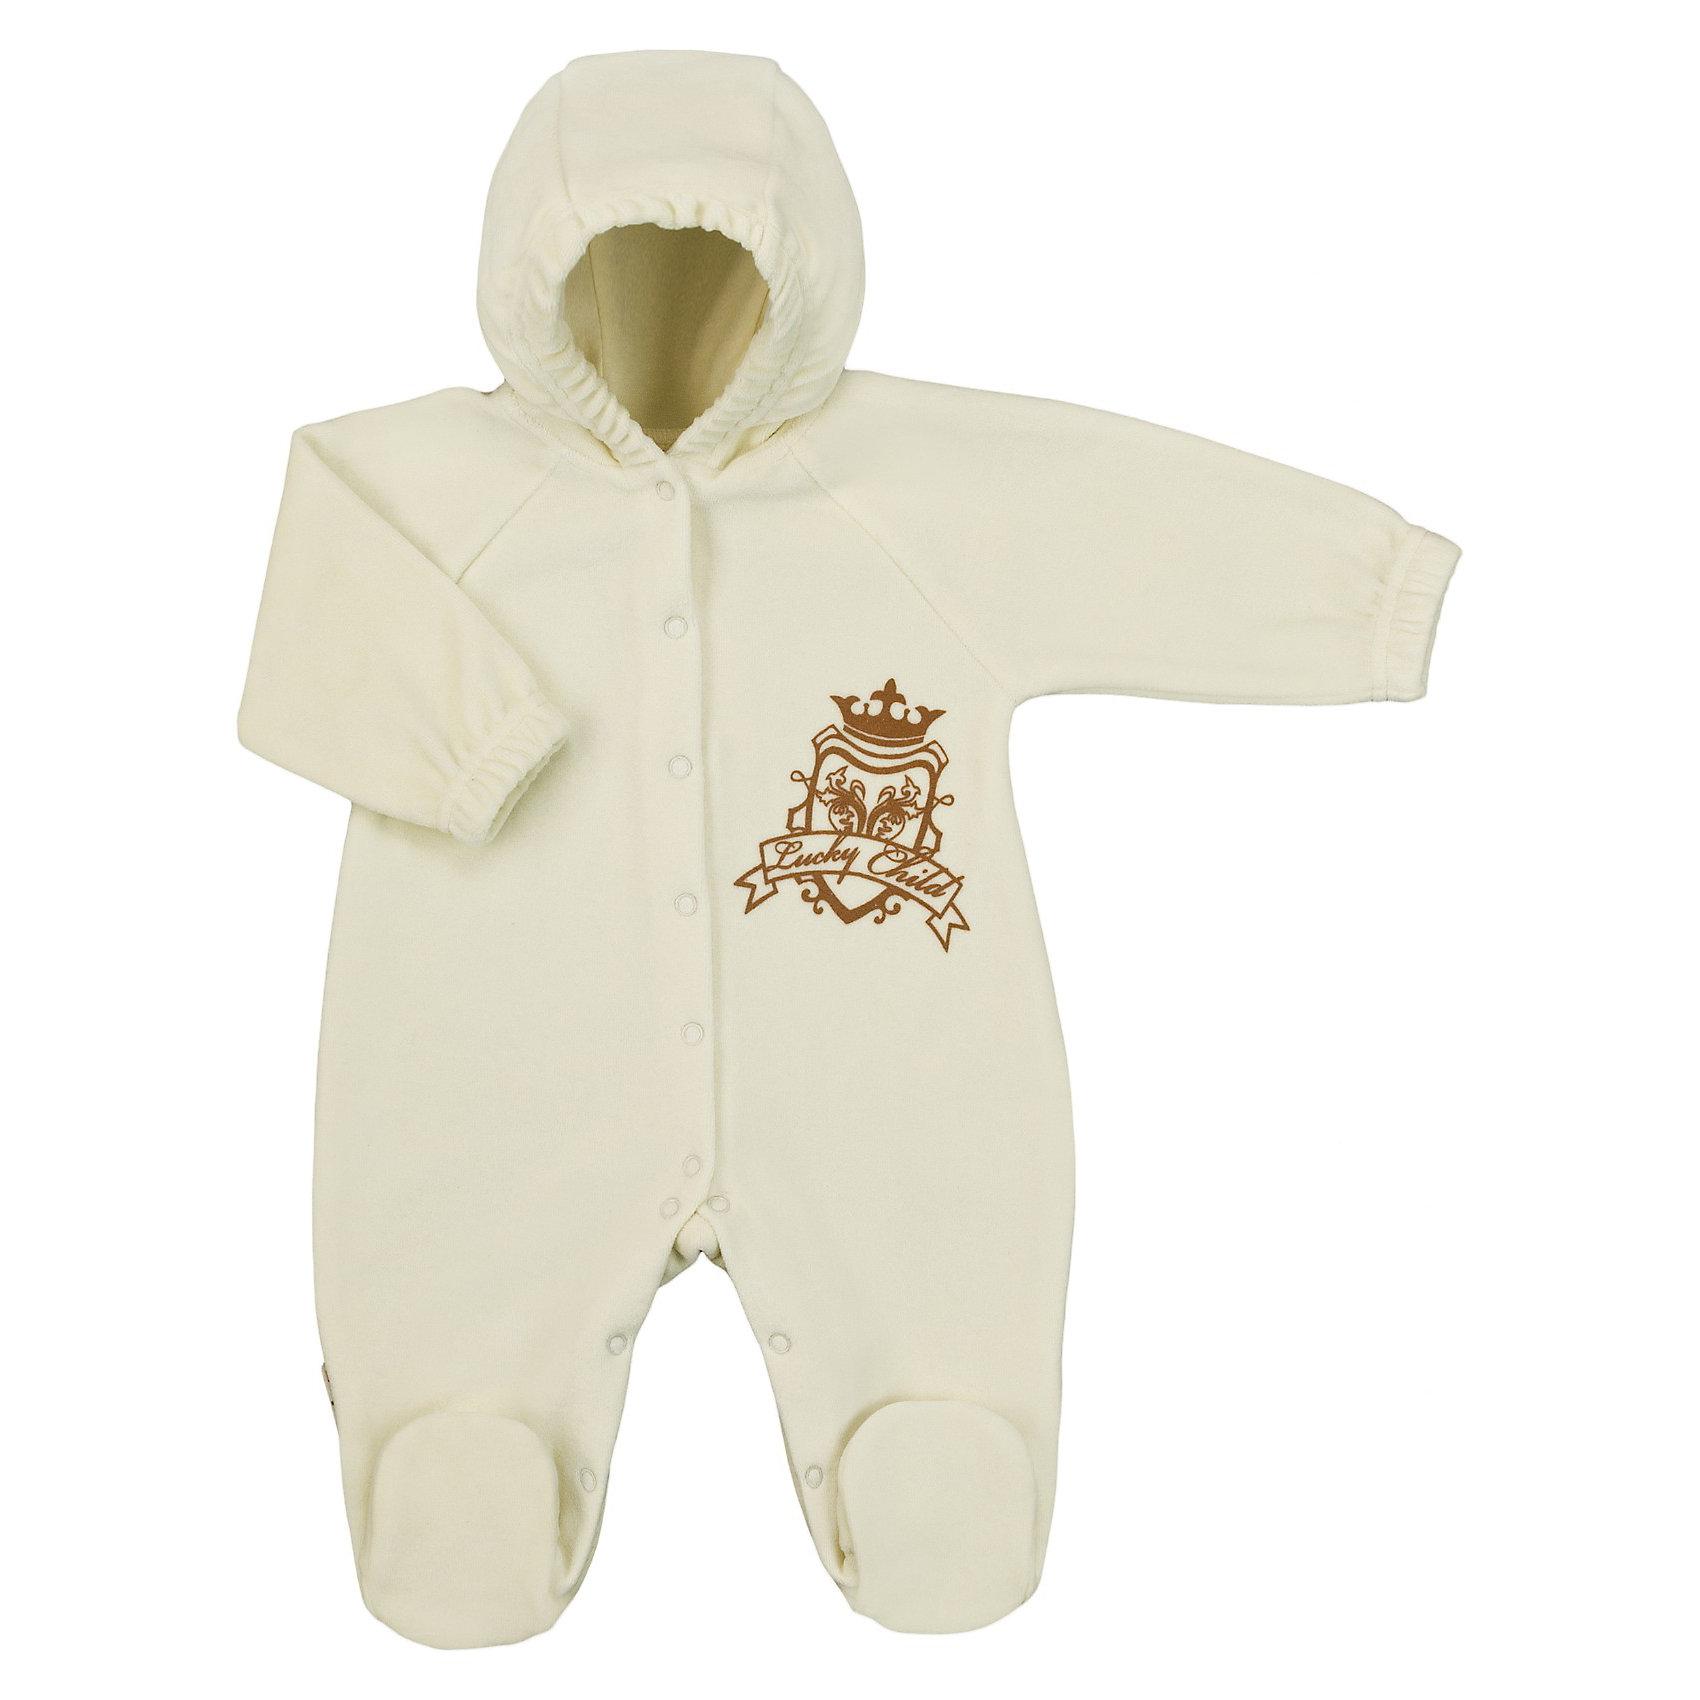 Комбинезон  Lucky ChildНежный комбинезон с закрытыми пяточками для ребенка. Удобная застежка - кнопки впереди и по внутренней поверхности ножек. Капюшон и рукава с эластичным краем для лучшего прилегания к телу и сохранения тепла. Подкладка в тон из натурального гипоаллергенного материала (100% хлопок).<br><br>Ширина мм: 157<br>Глубина мм: 13<br>Высота мм: 119<br>Вес г: 200<br>Цвет: экрю<br>Возраст от месяцев: 3<br>Возраст до месяцев: 6<br>Пол: Унисекс<br>Возраст: Детский<br>Размер: 62/68,56/62,80/86,74/80,68/74<br>SKU: 3340772